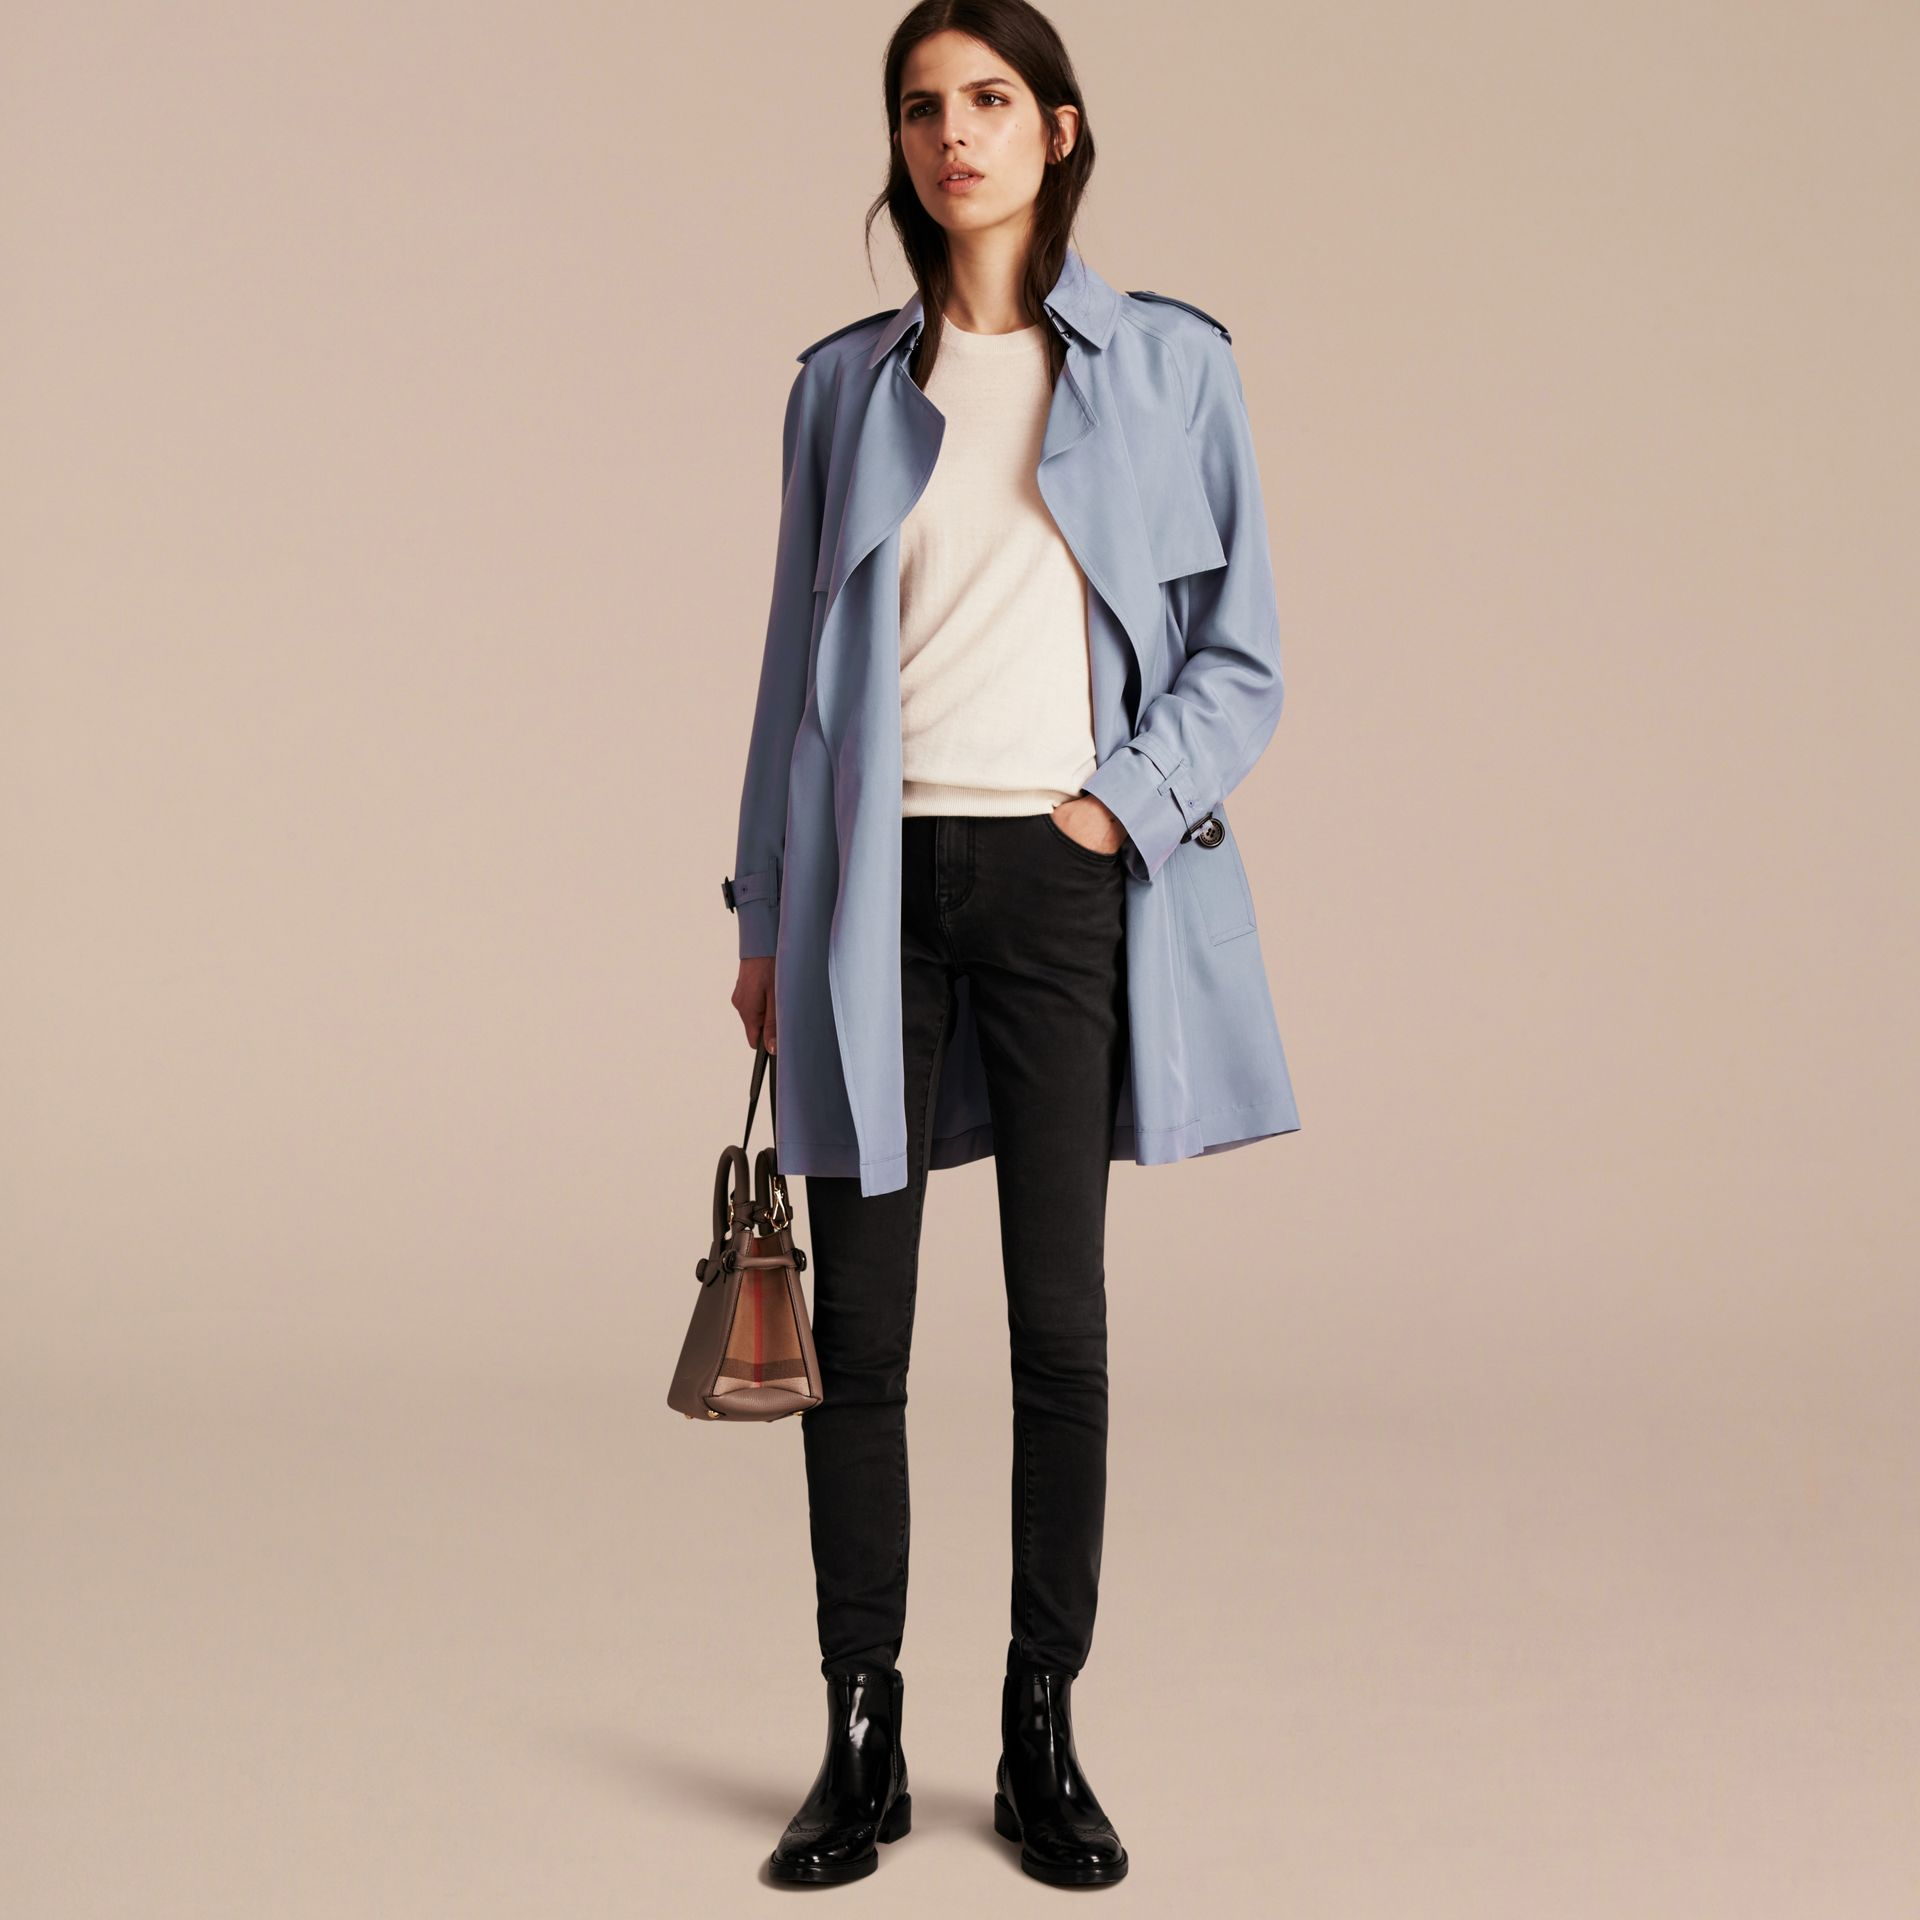 Bleu pâle Trench-coat portefeuille léger en soie flammée - photo de la galerie 6